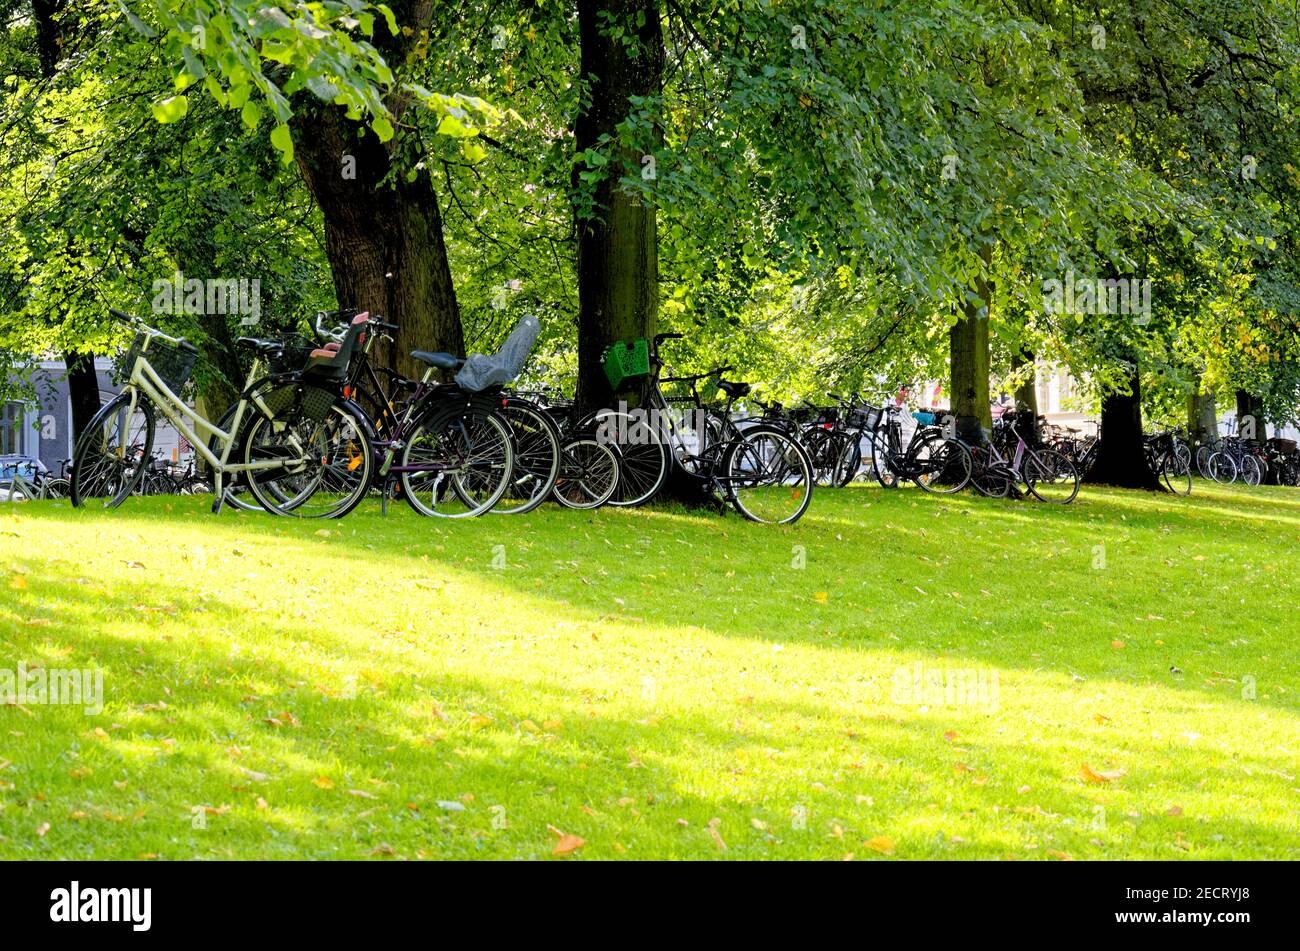 Kastellet Park - Copenhague - Dinamarca. Kastellet, situada en Copenhague, Dinamarca, es una de las fortalezas mejor conservadas del norte de Europa Foto de stock